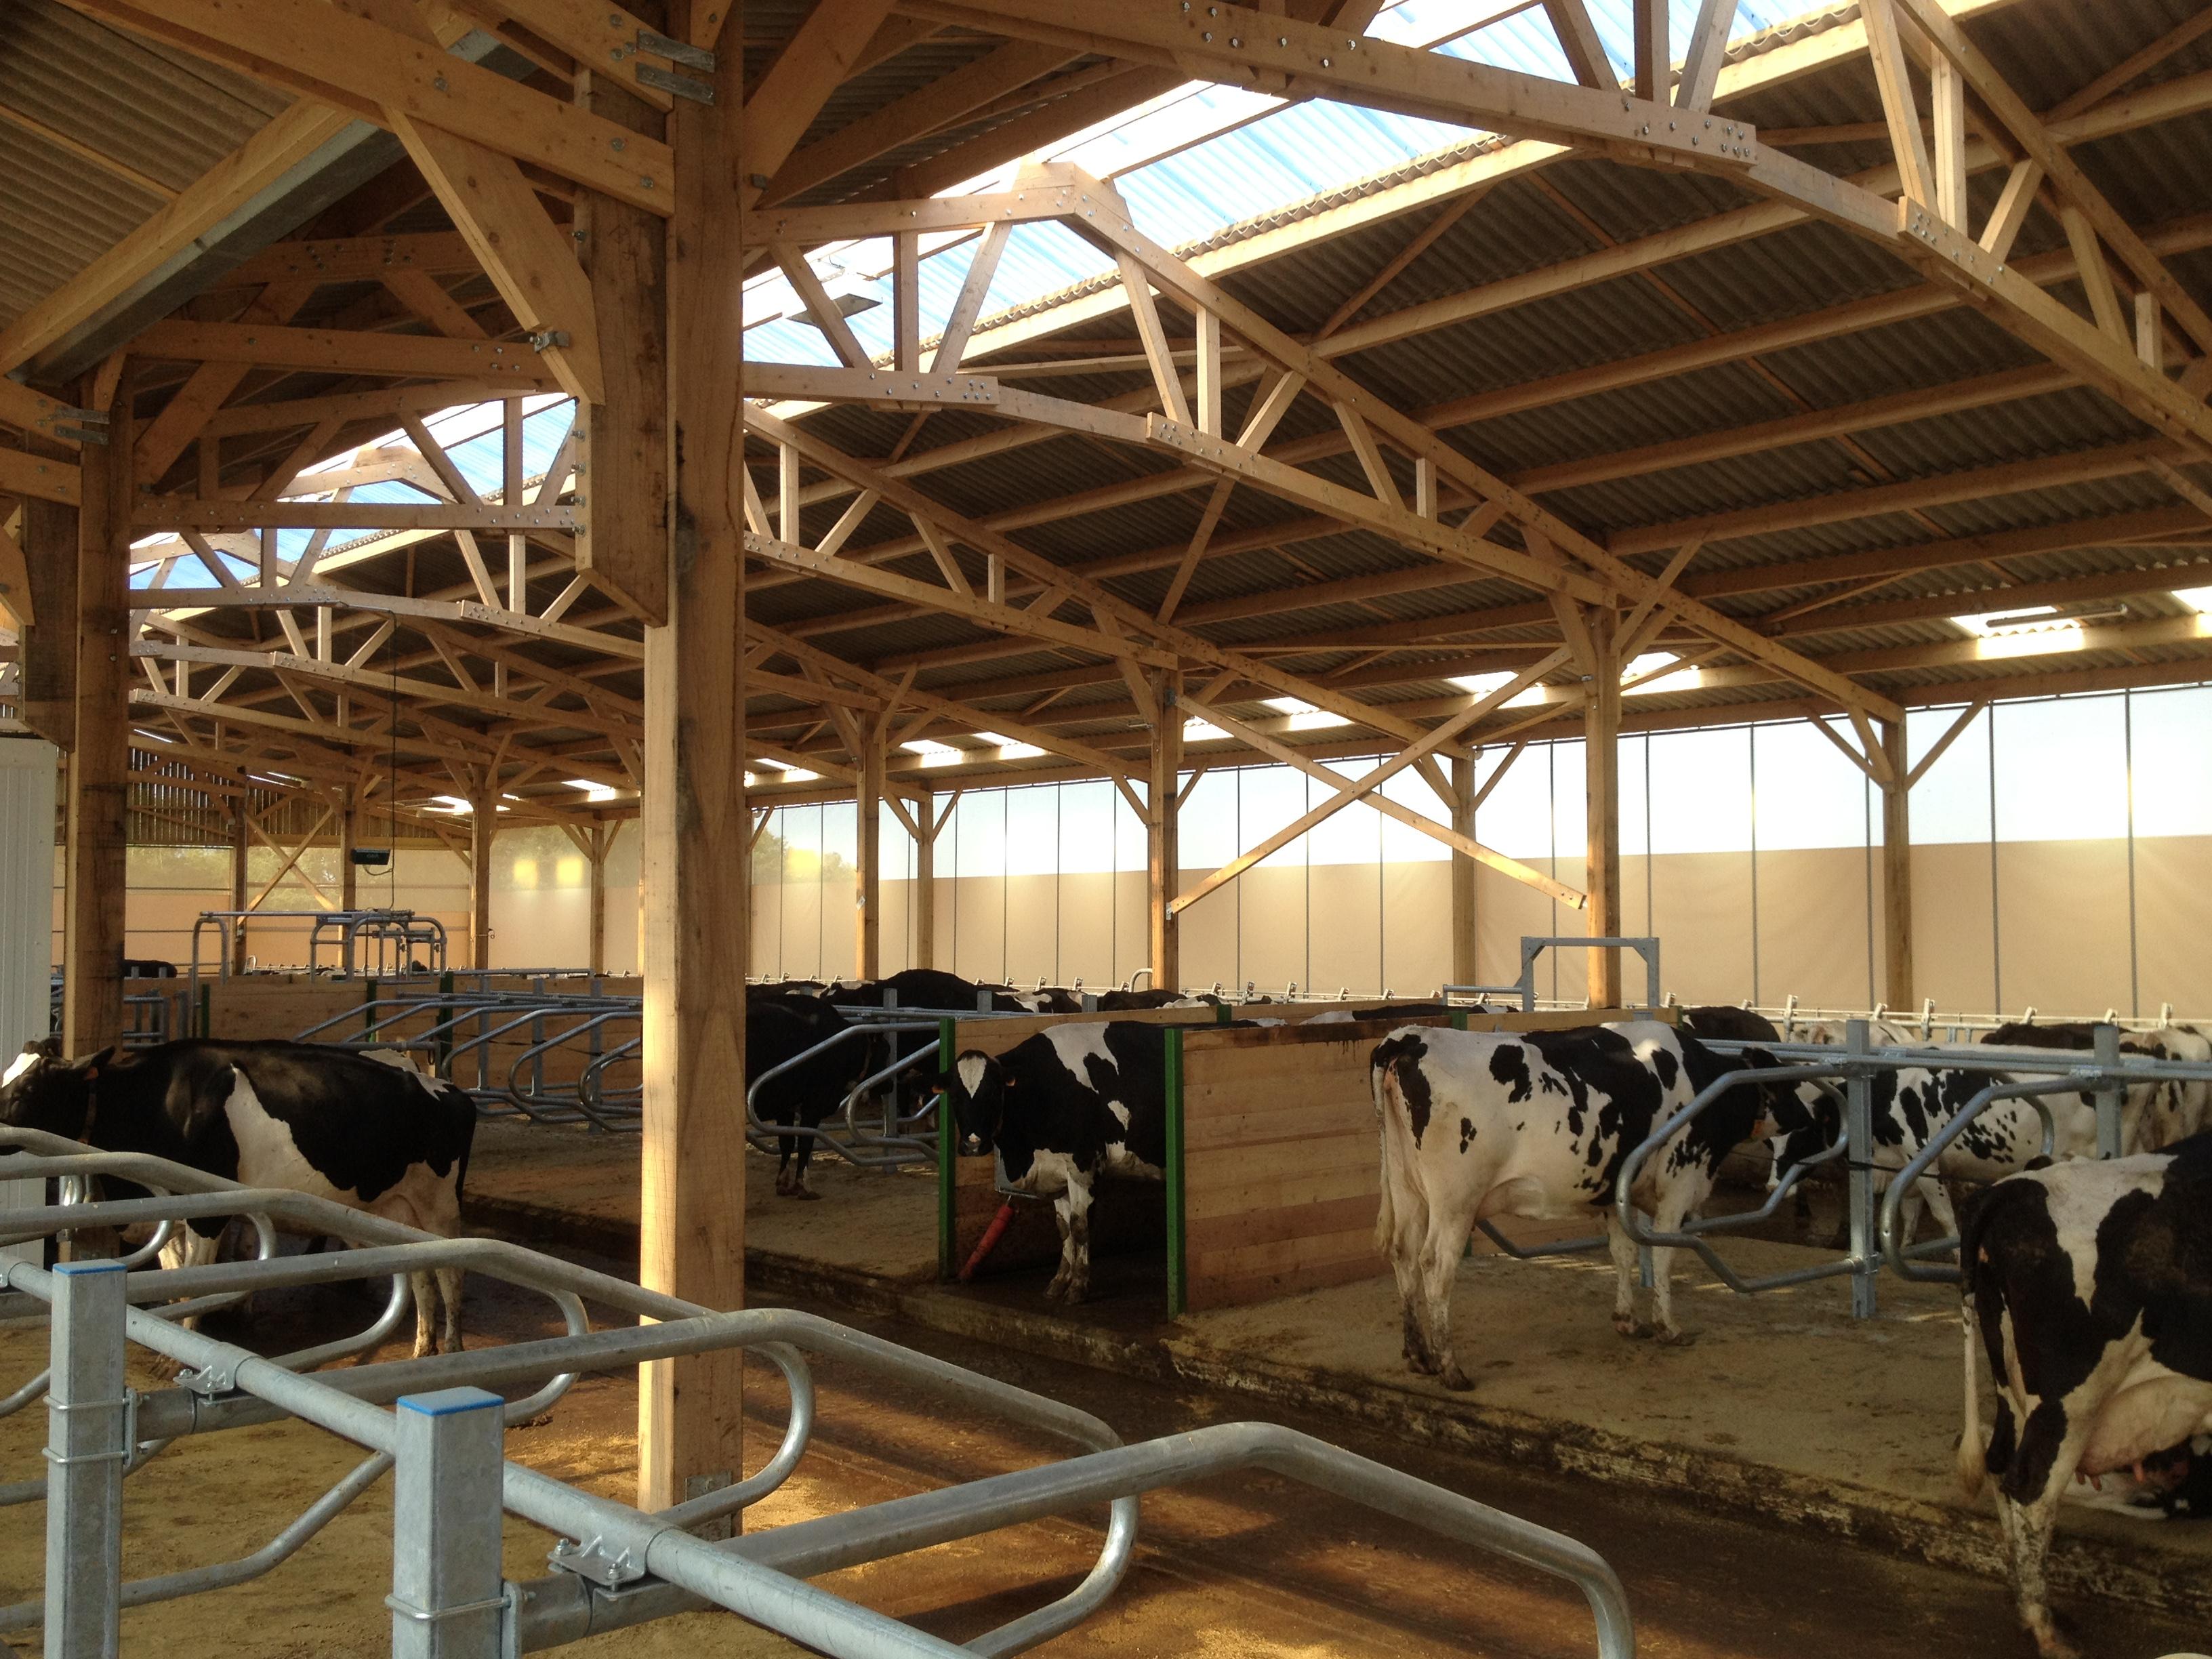 Rideaux Agricole : Filets rideaux et portes brise vent agricoles rcy